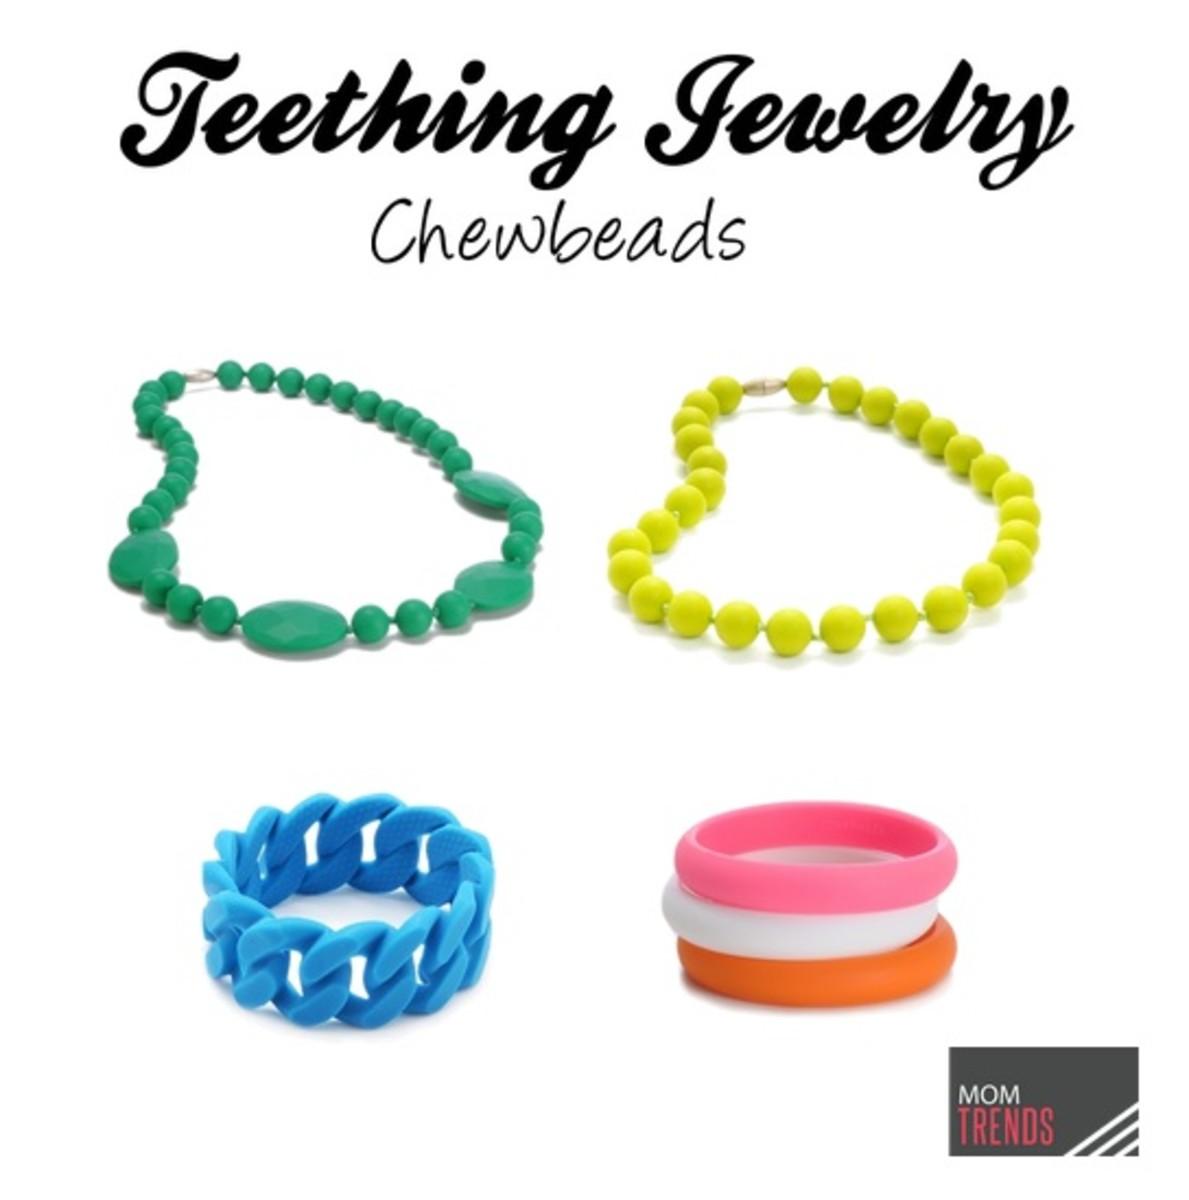 Teething Jewelry Chewbeads